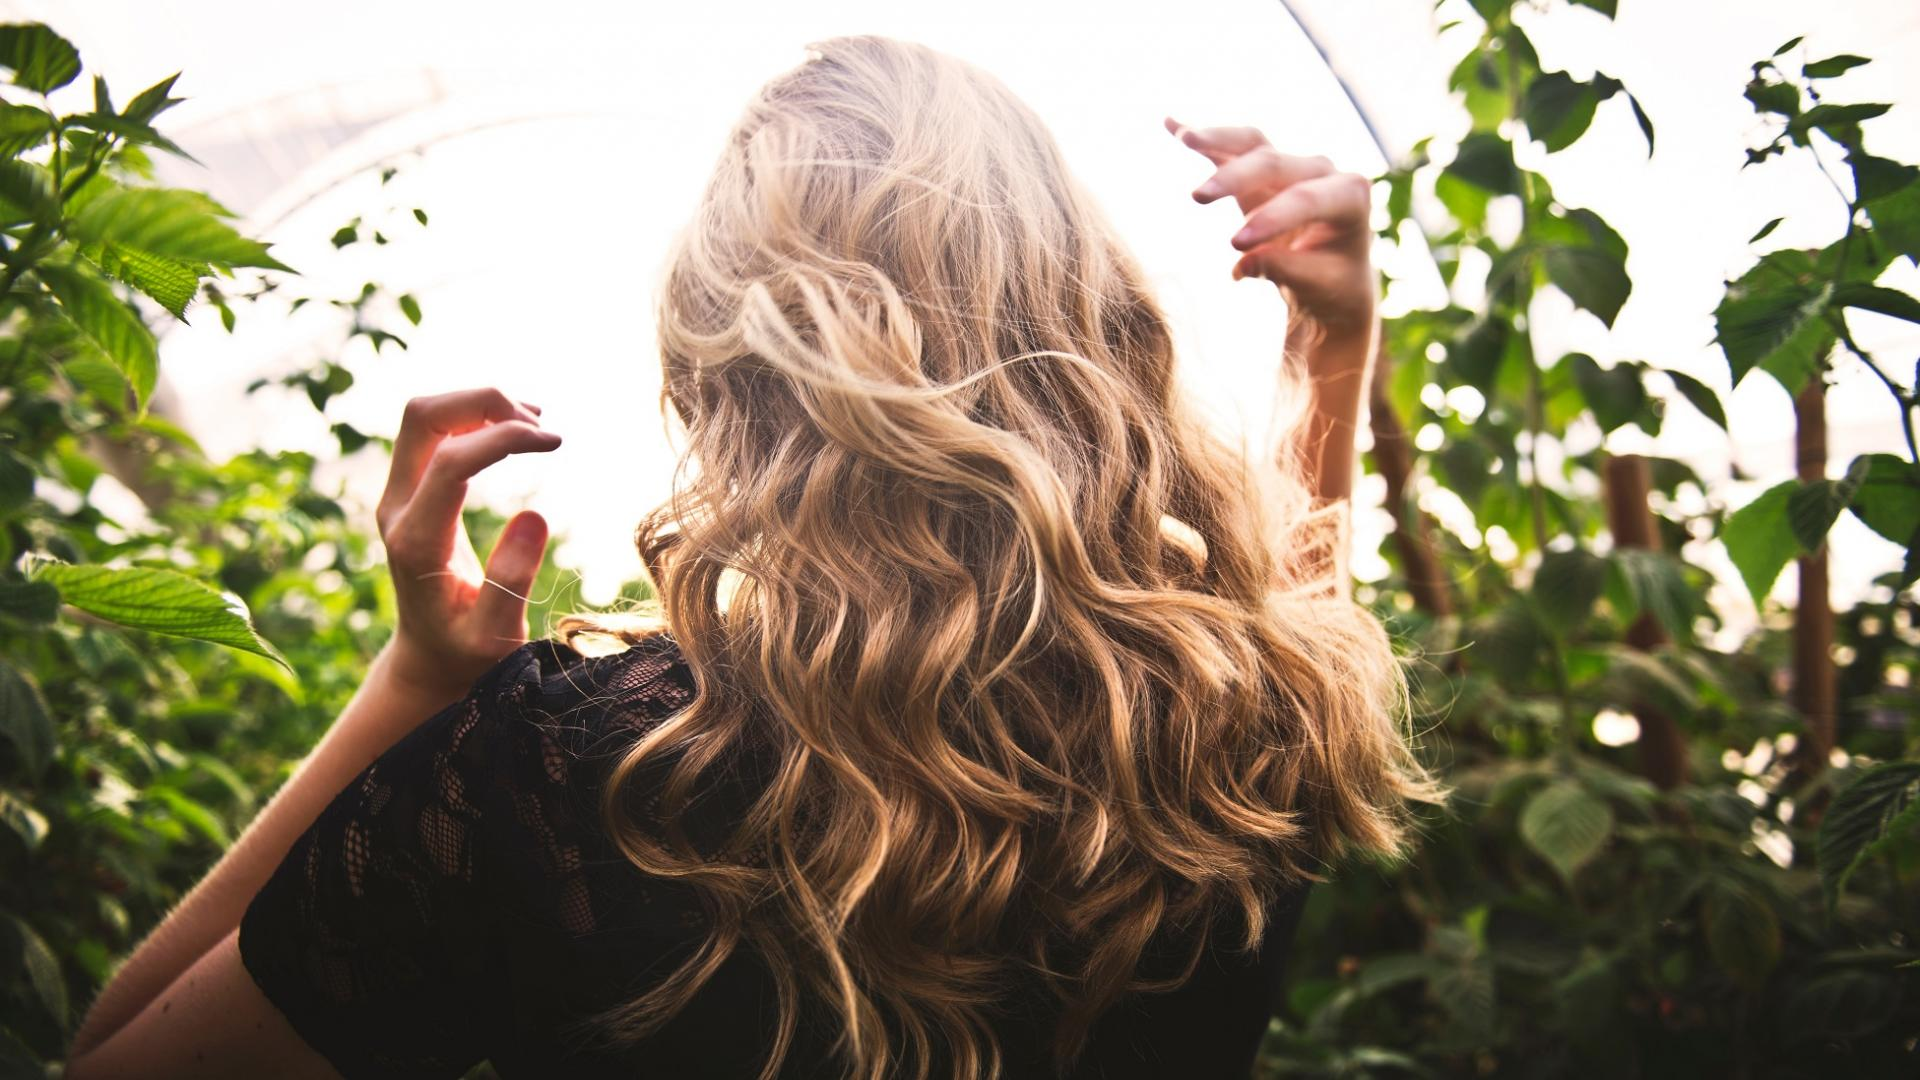 Frau mit blonden Haaren im Garten